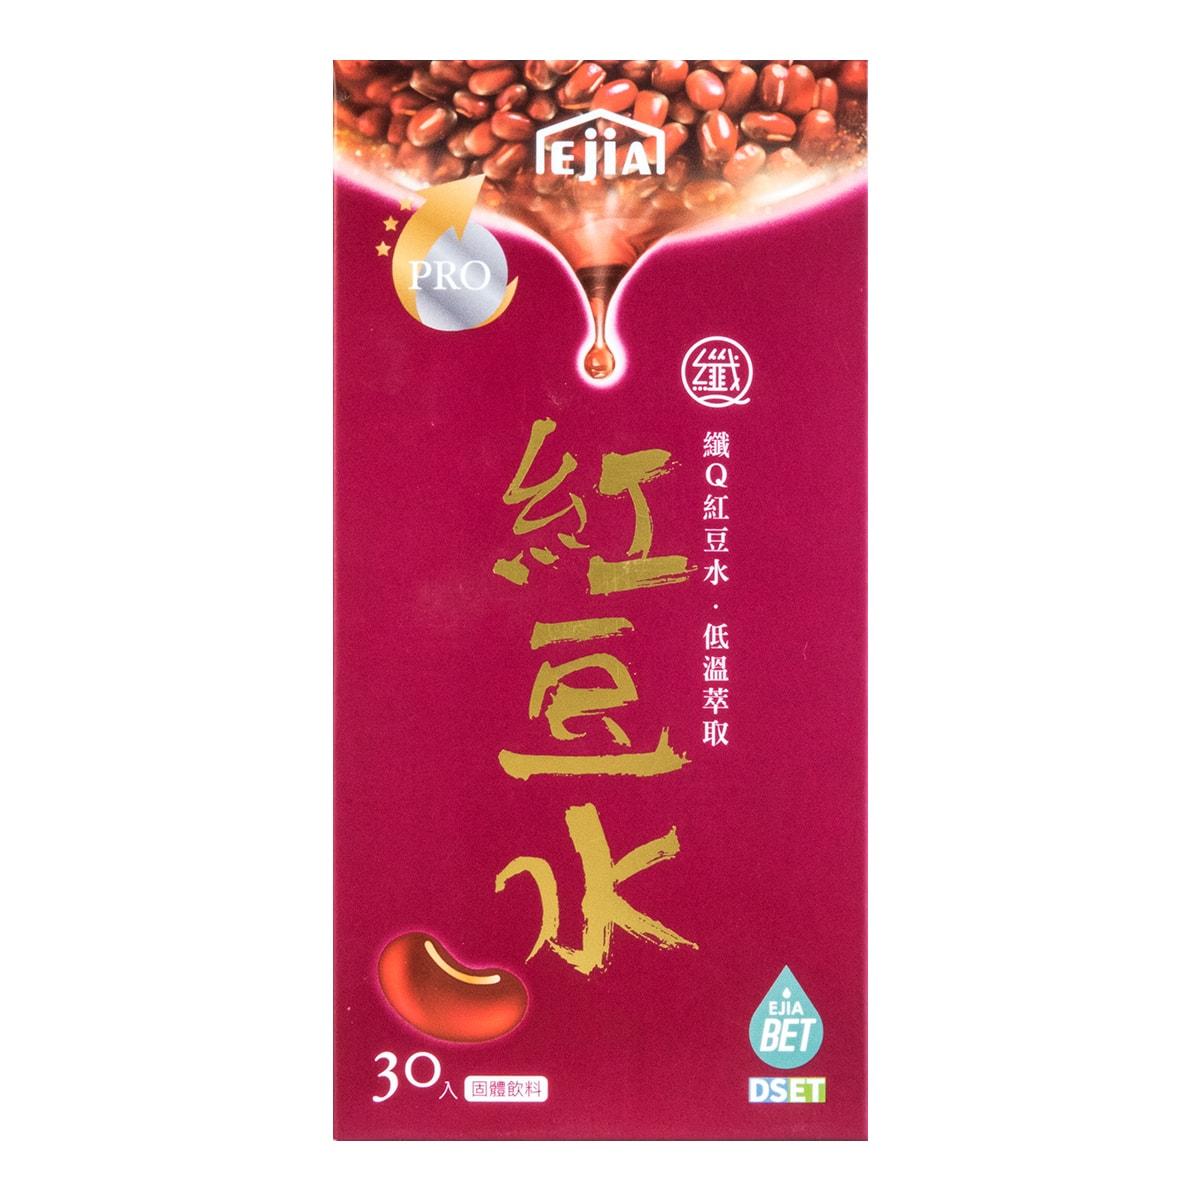 台湾易珈生技 冲泡式红豆水PRO版 2g x 30包入